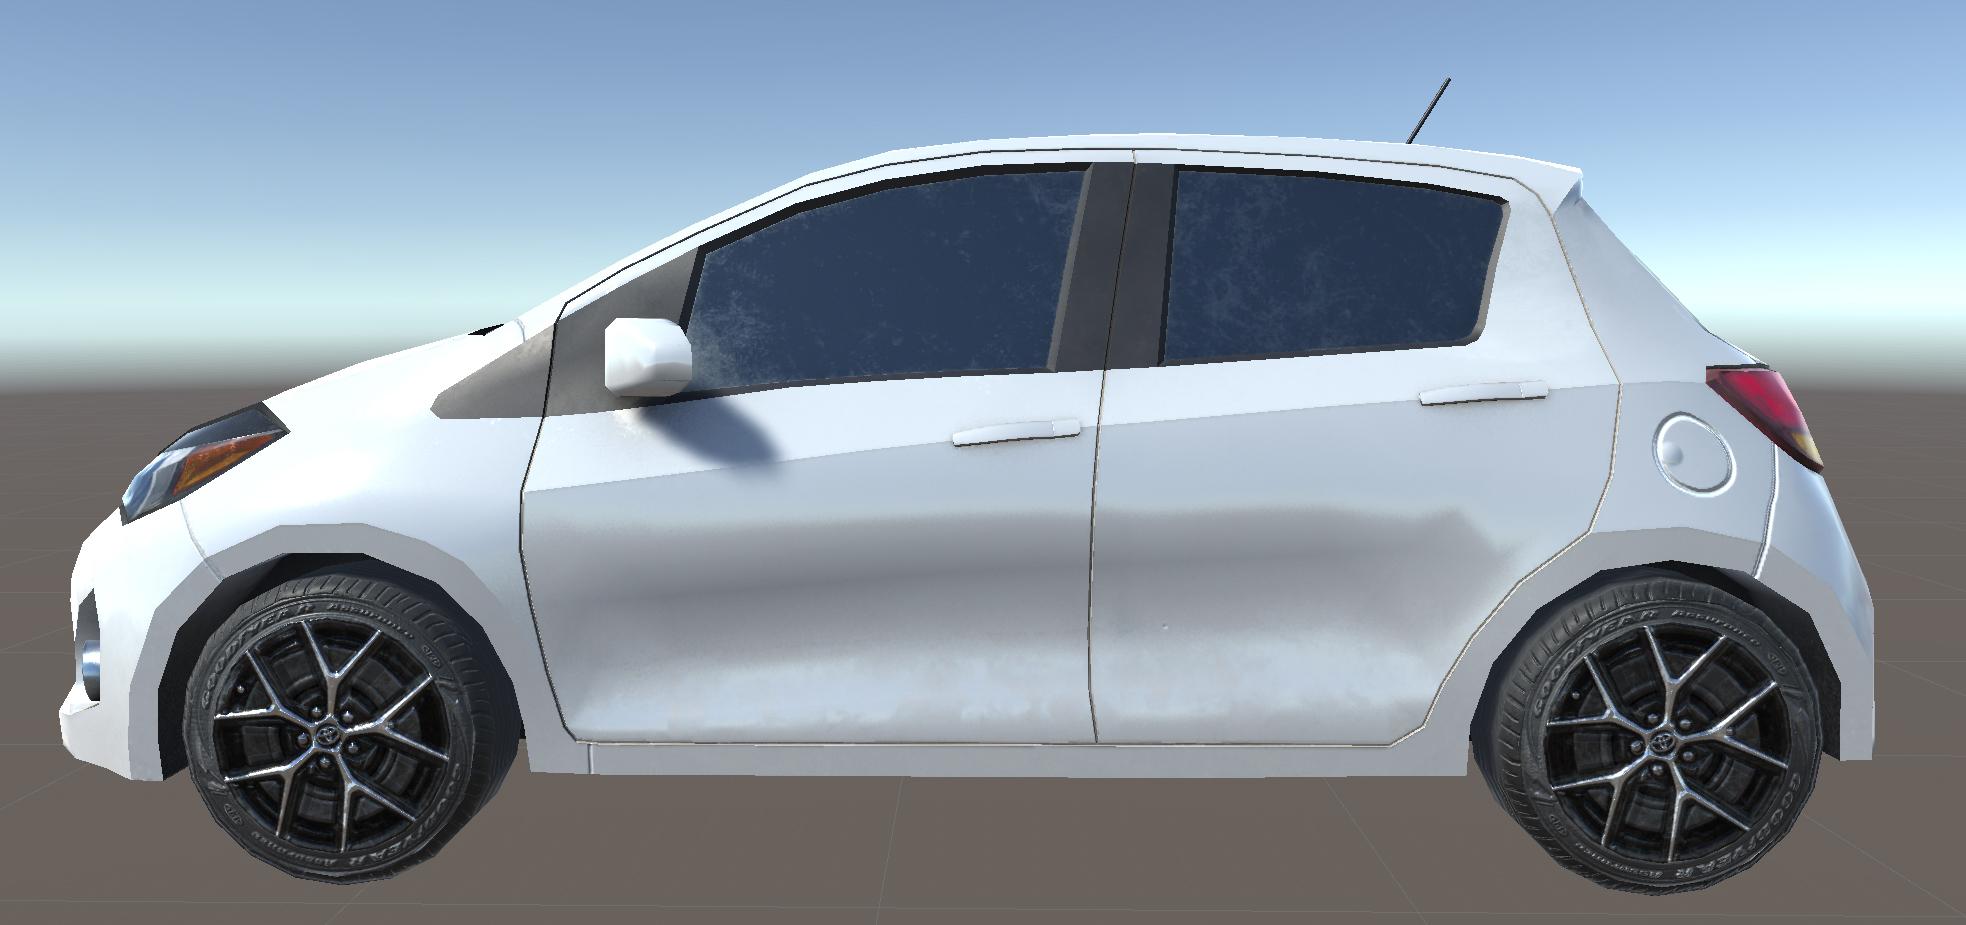 car2_d